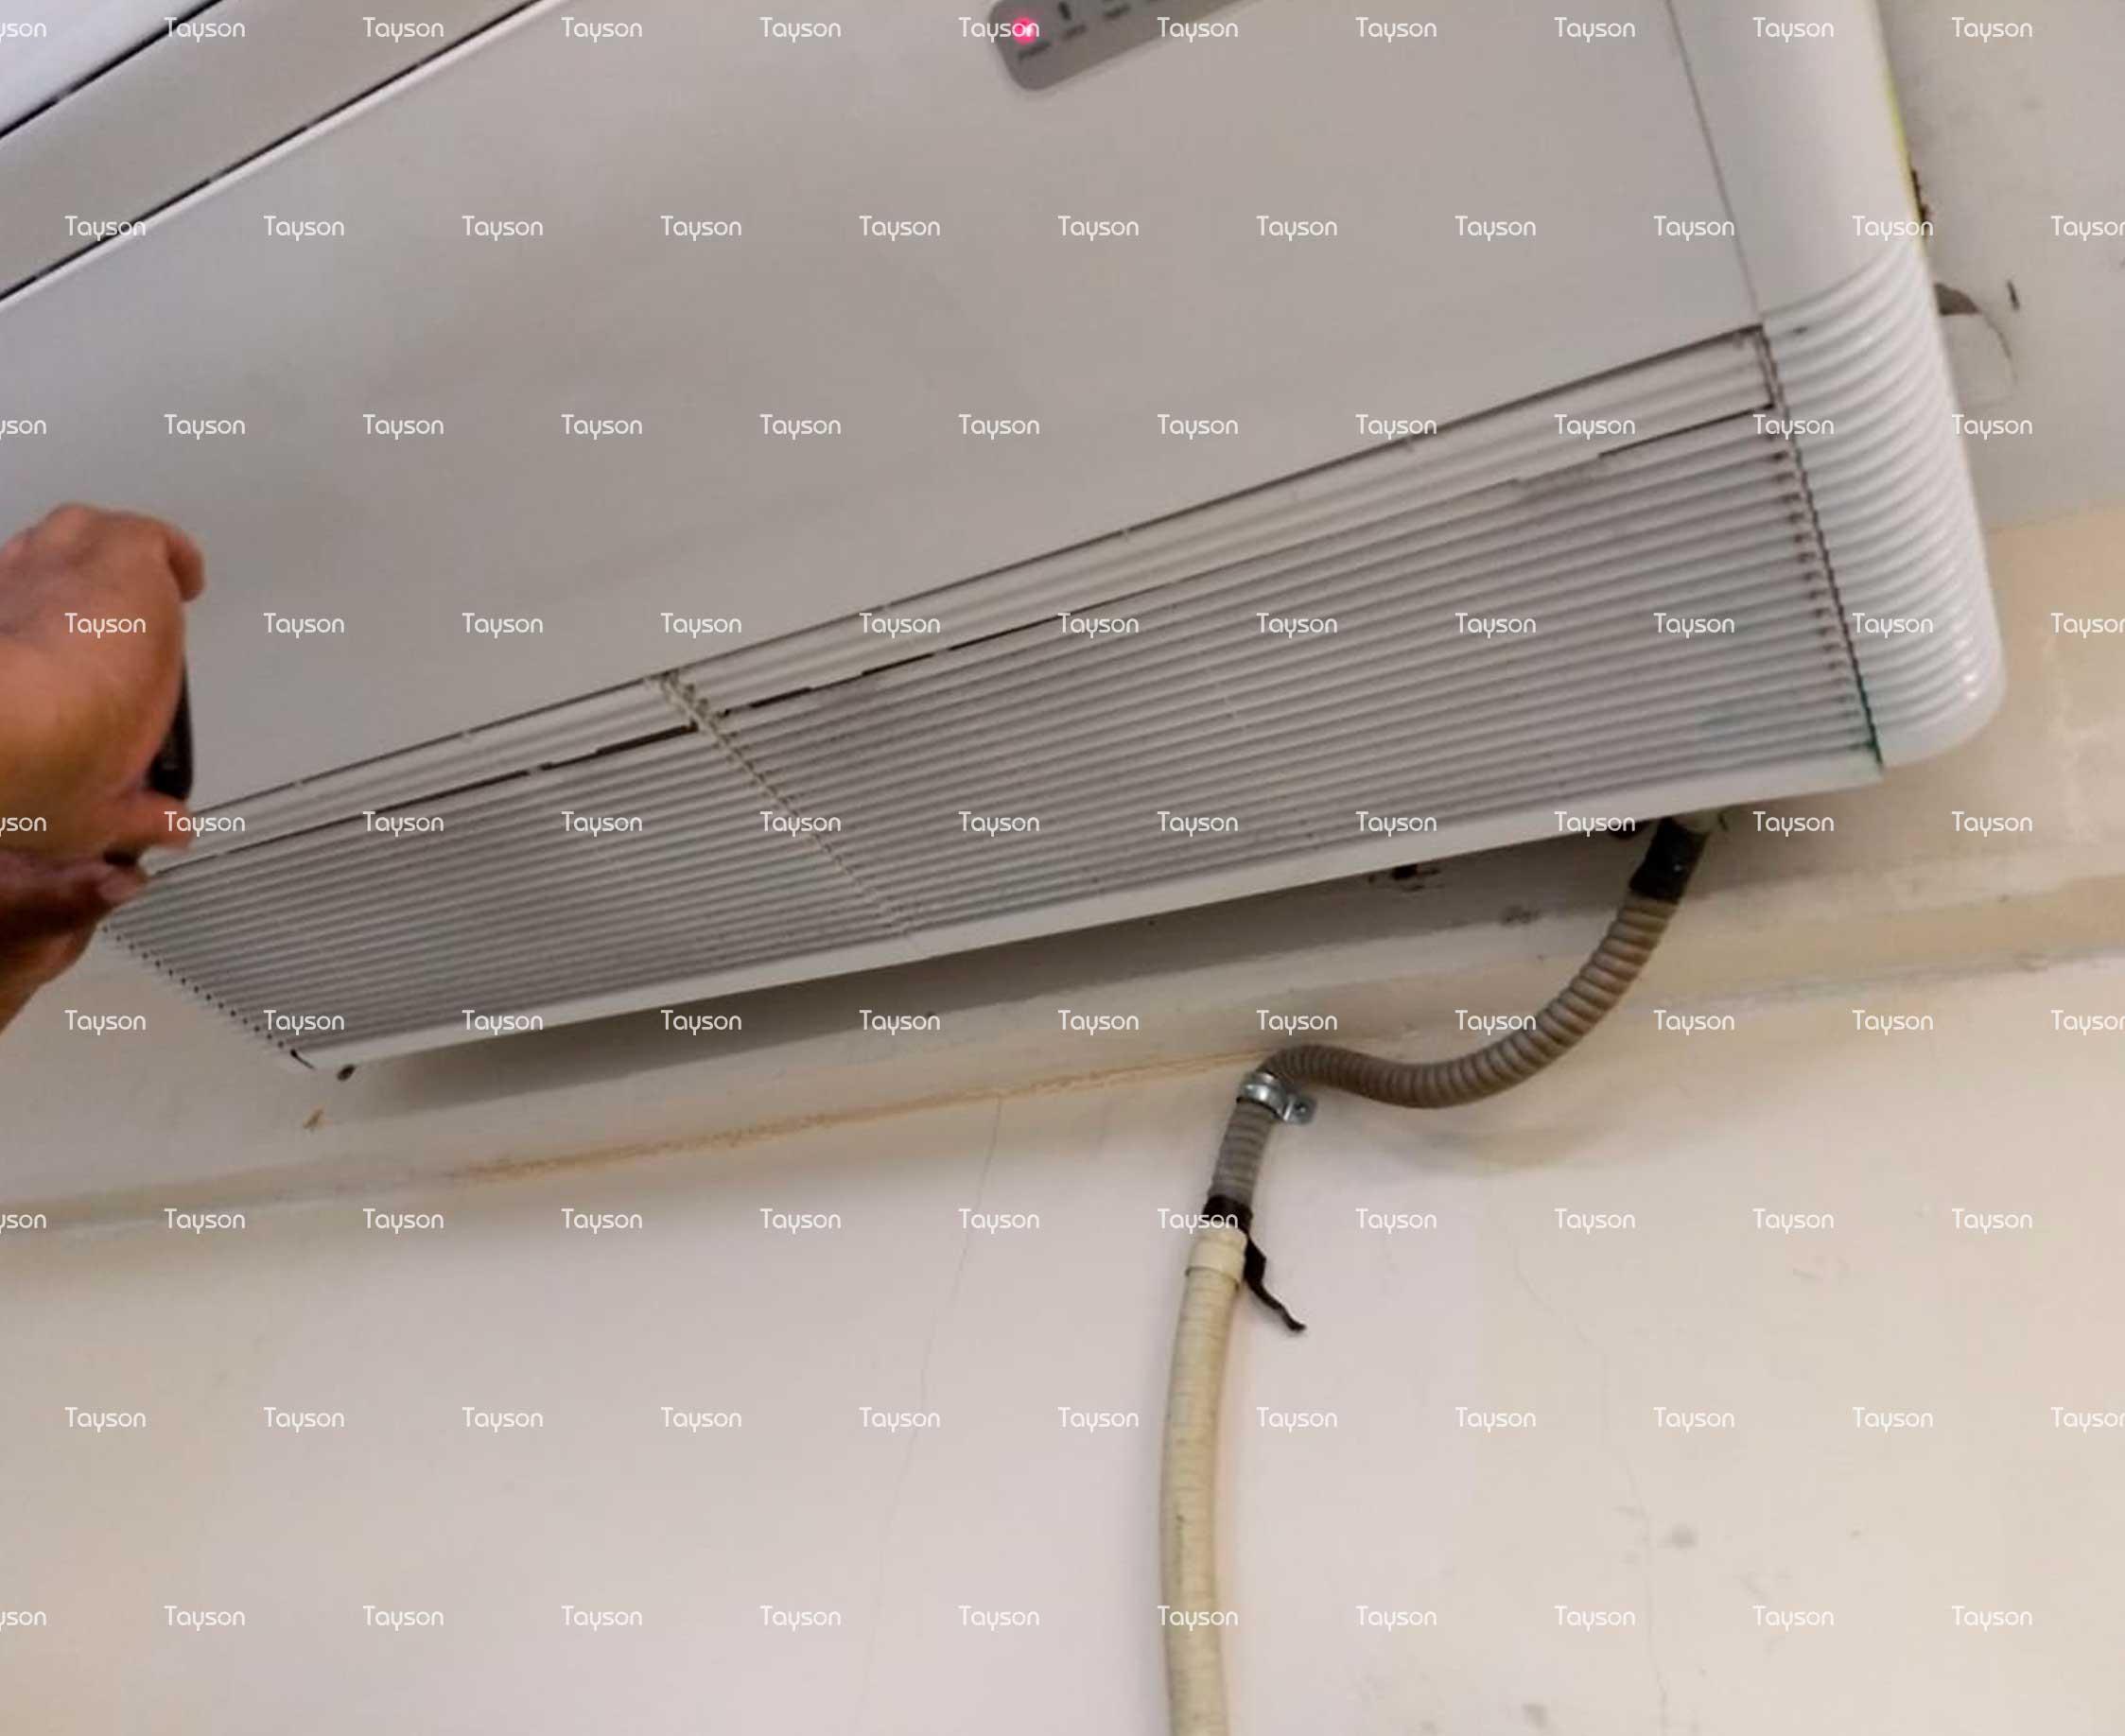 equipos-para-renta-de-aire-acondicionado-tayson